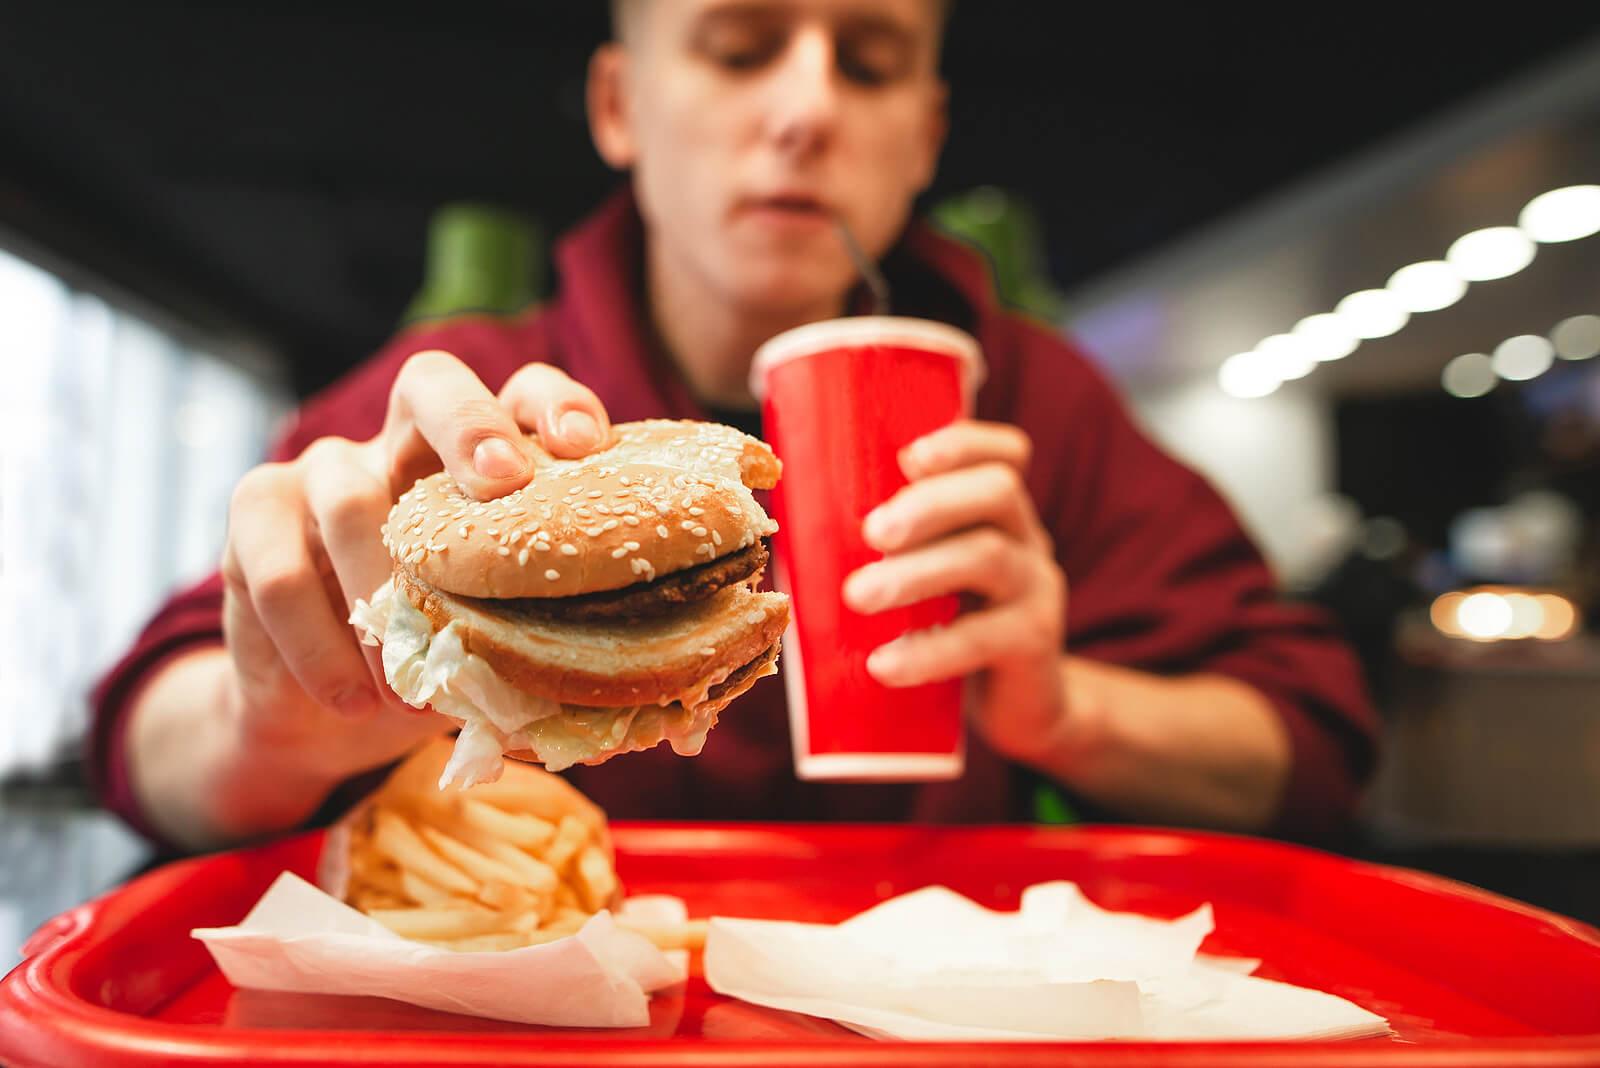 Adolescente comiendo una hamburguesa en una cadena de fast food.